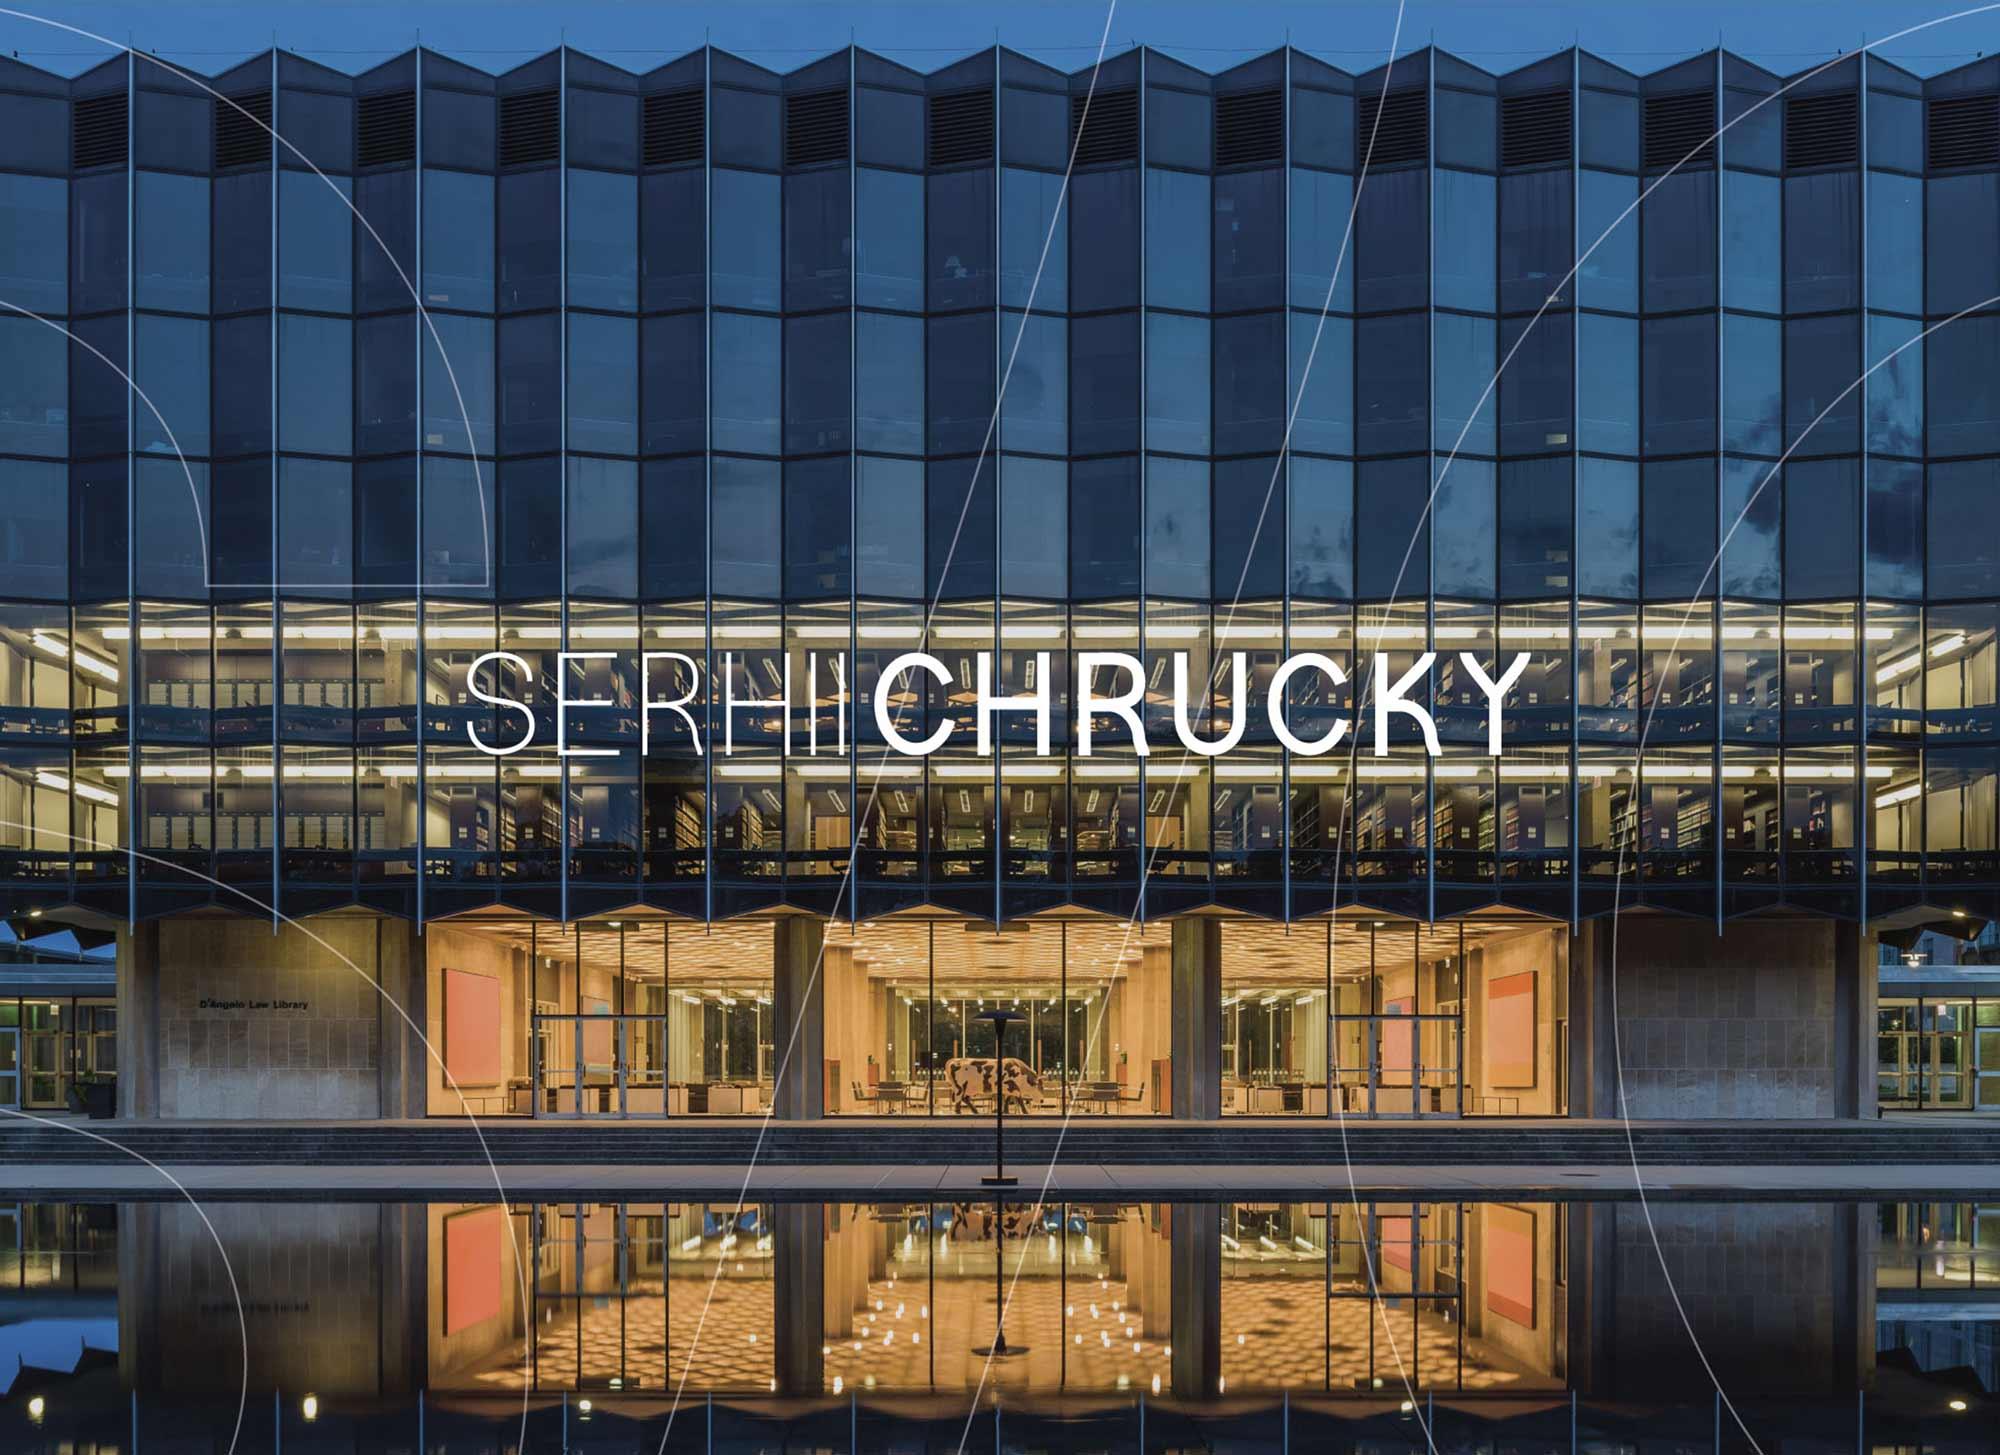 Studiopowell and Serhii Chrucky branding